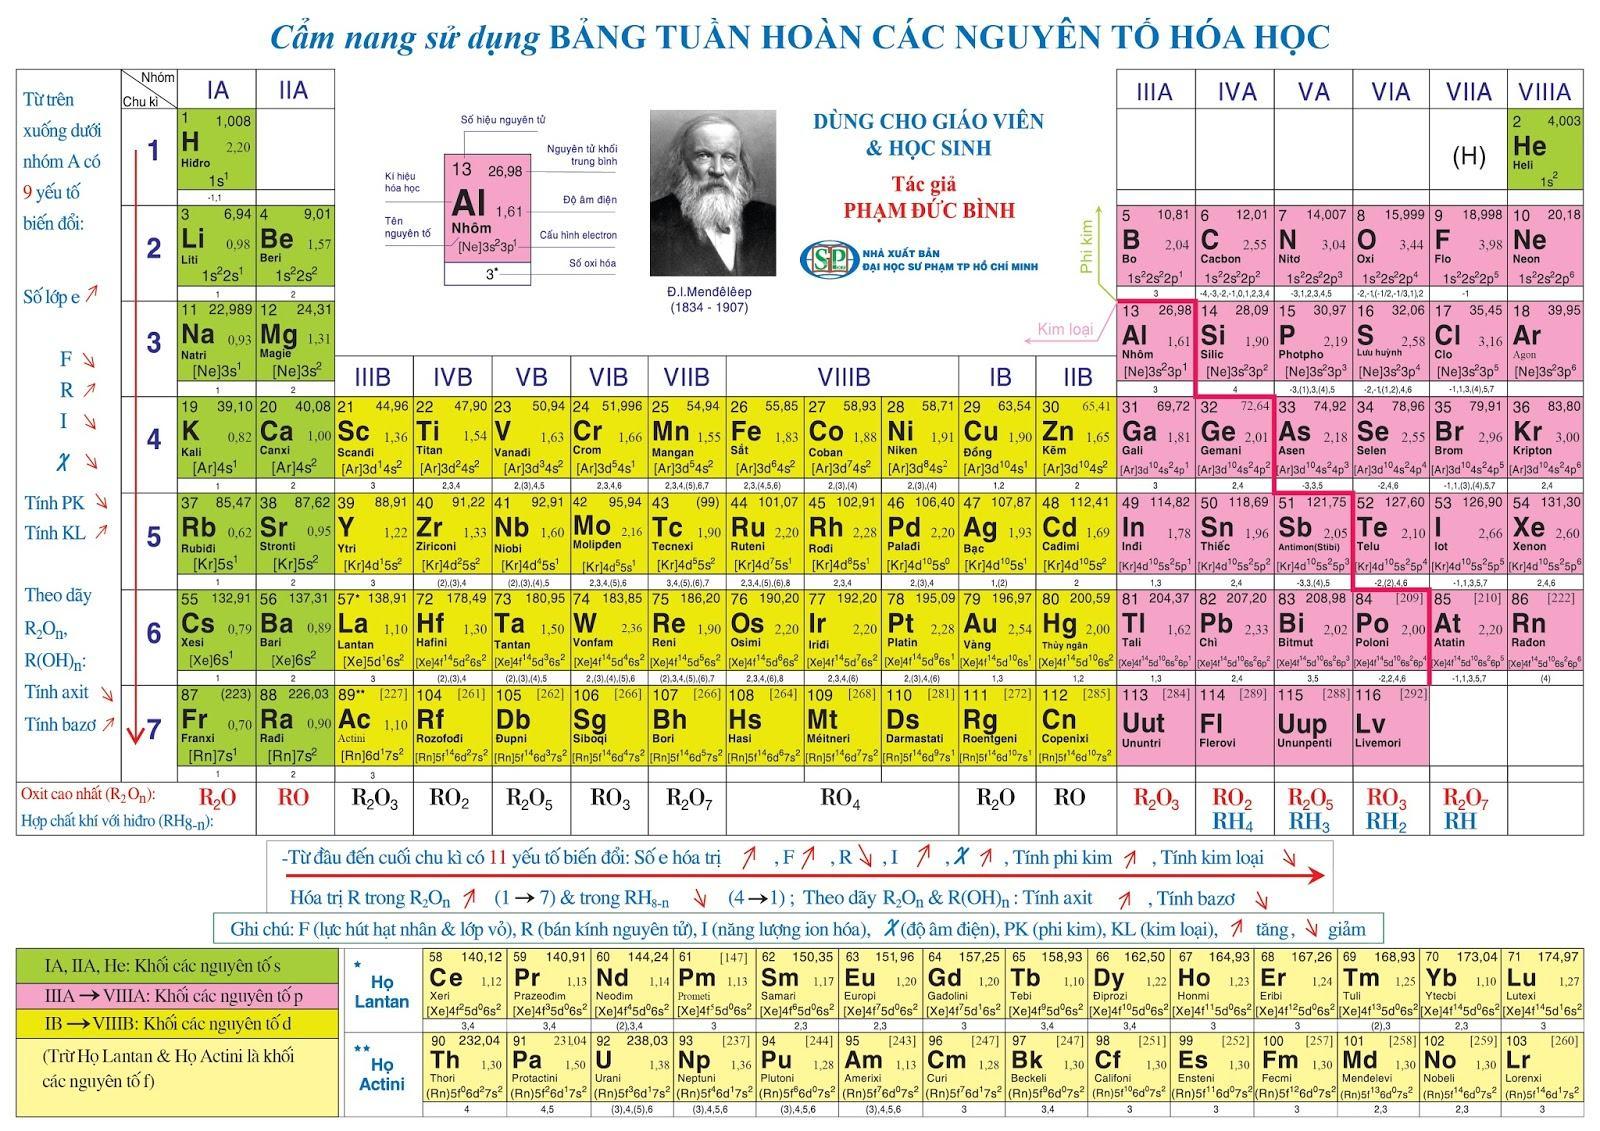 Bảng hệ thống tuần hoàn các nguyên tố hóa học